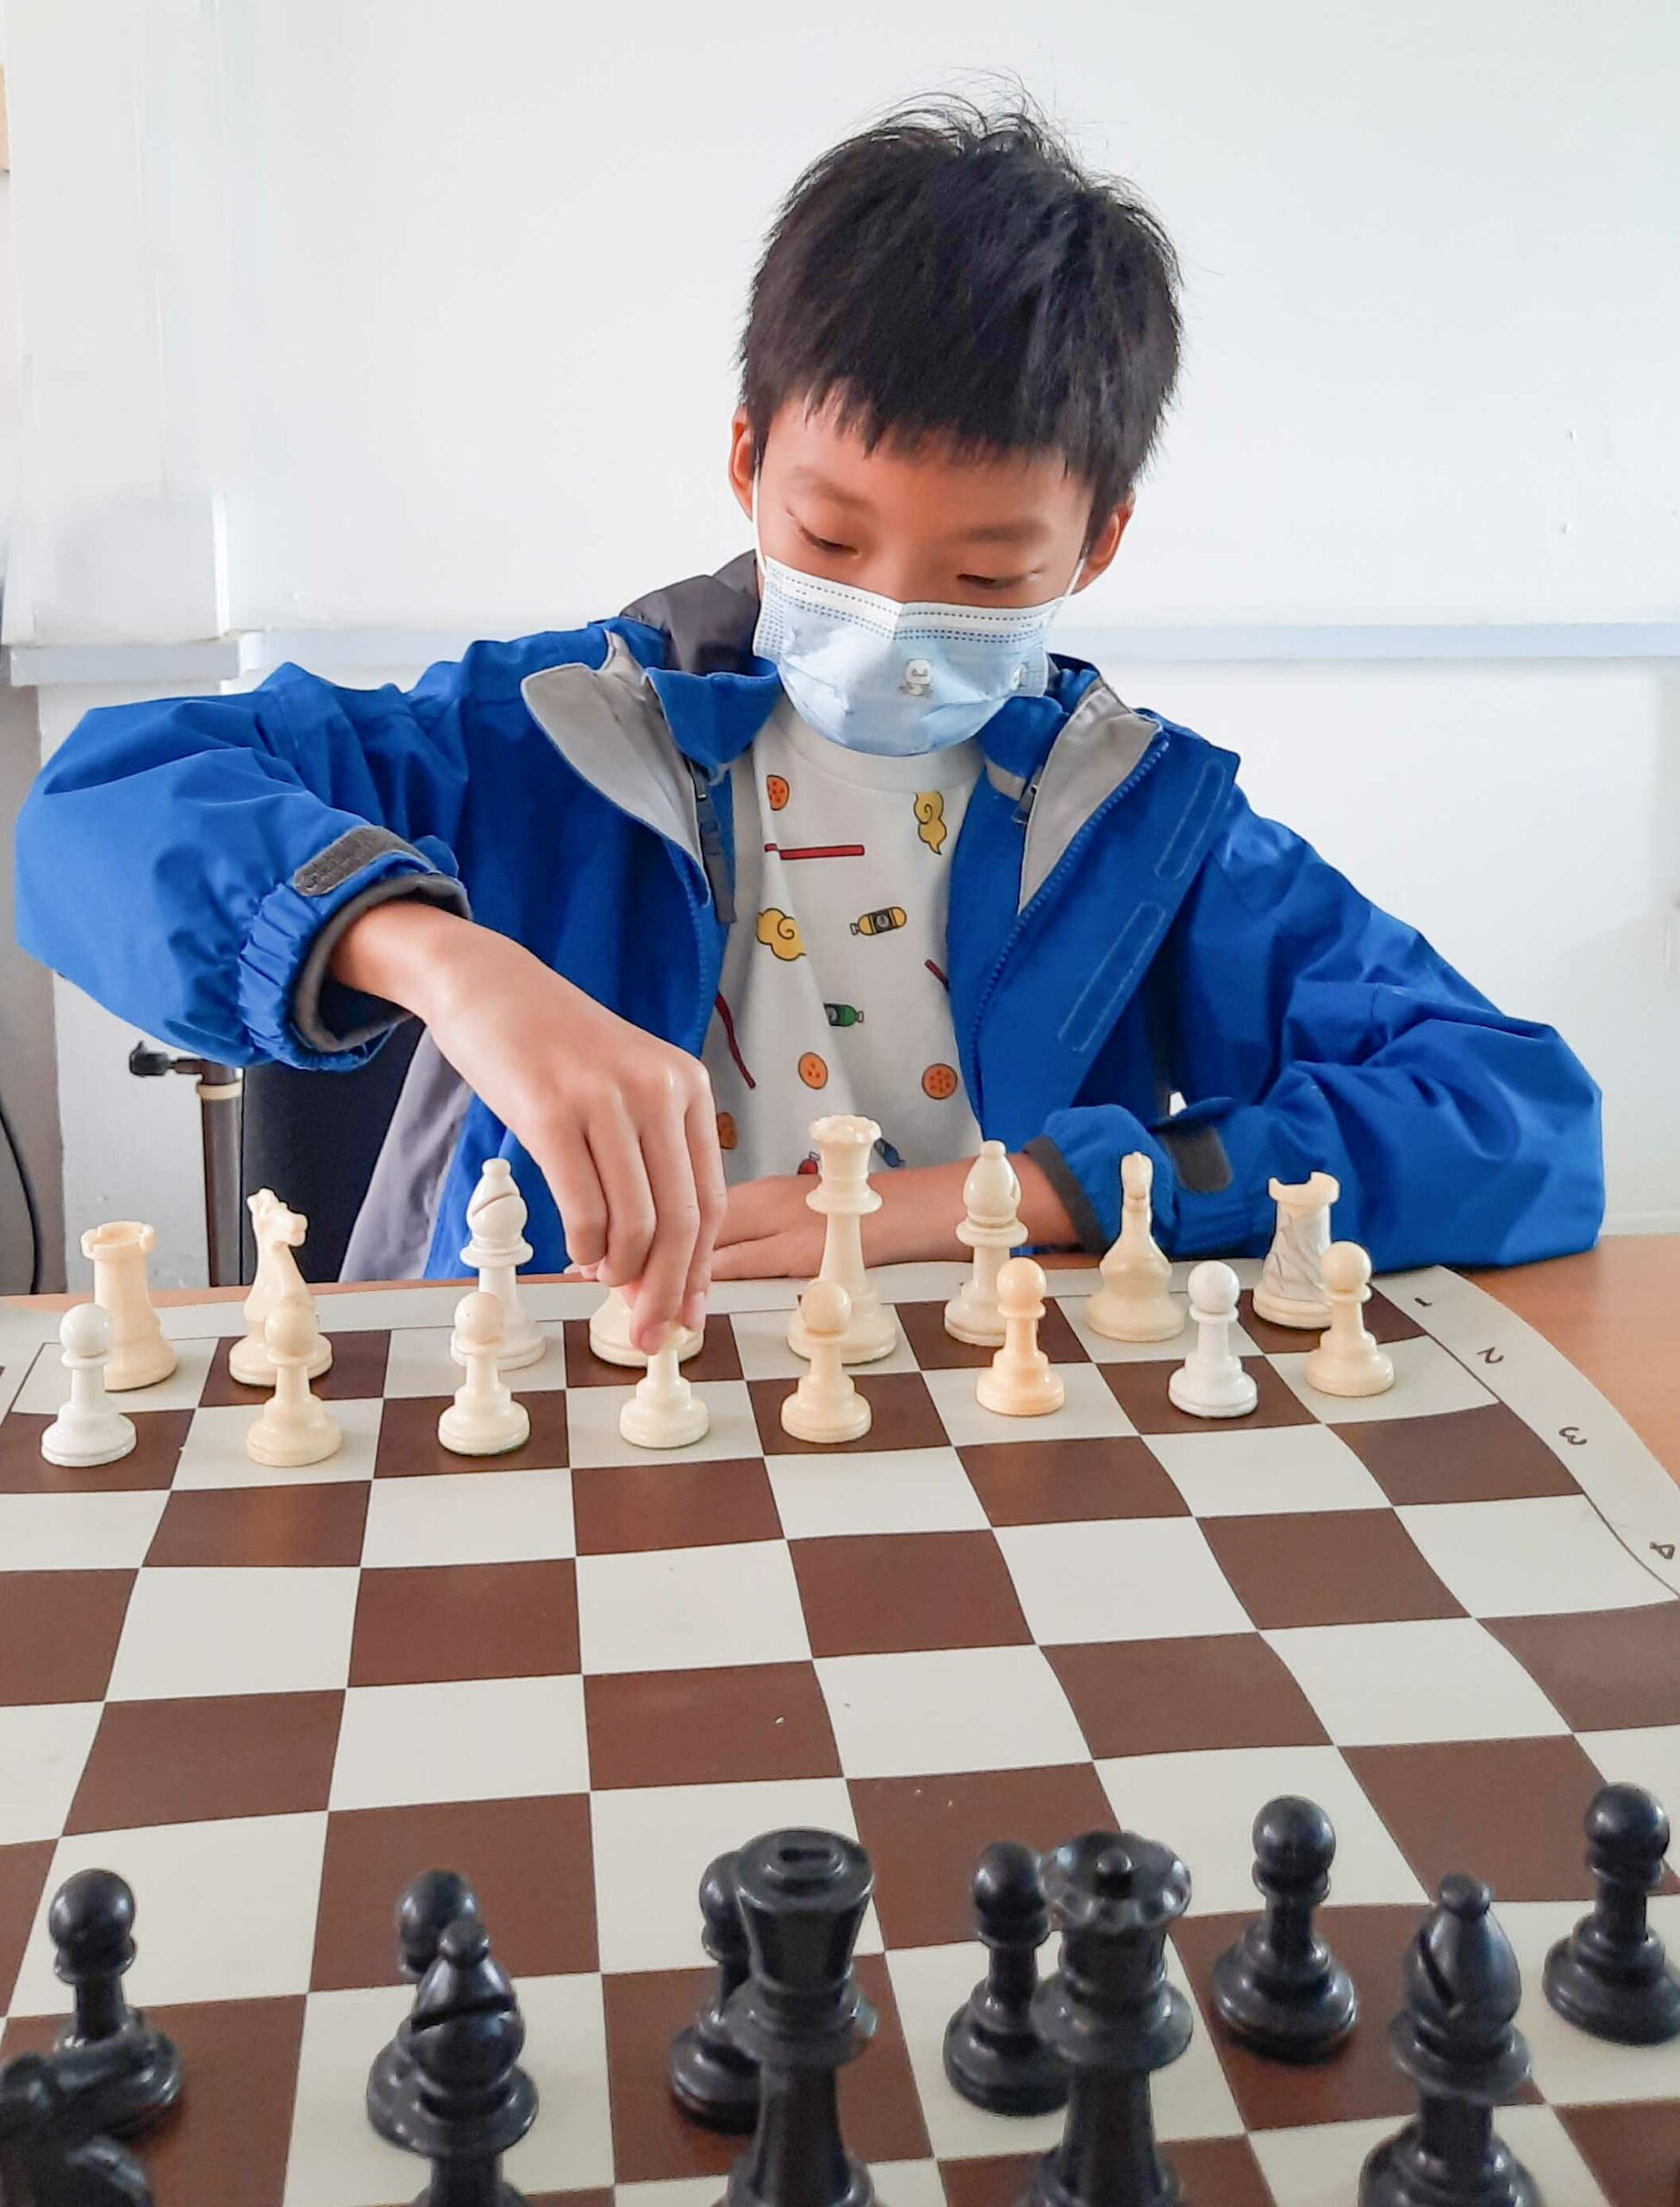 Li Mo: Student and chess champion